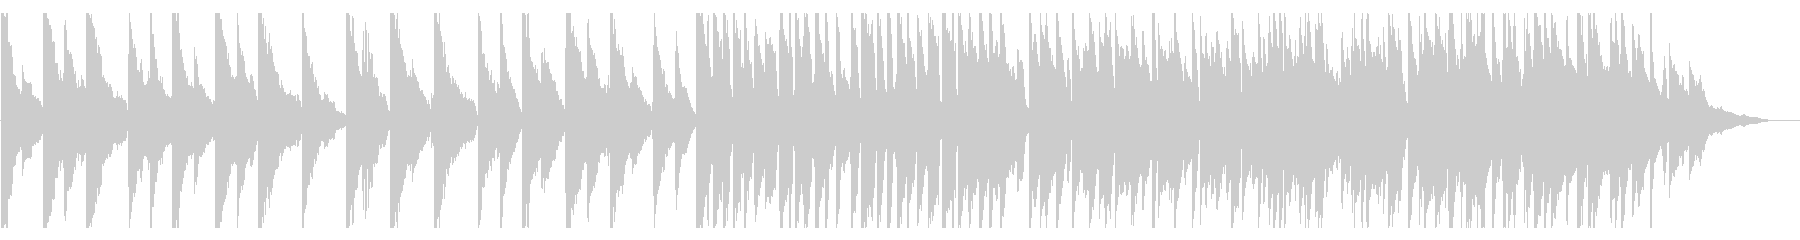 【ピアノ】幻想的で美しい紹介案内映像向けの未再生の波形